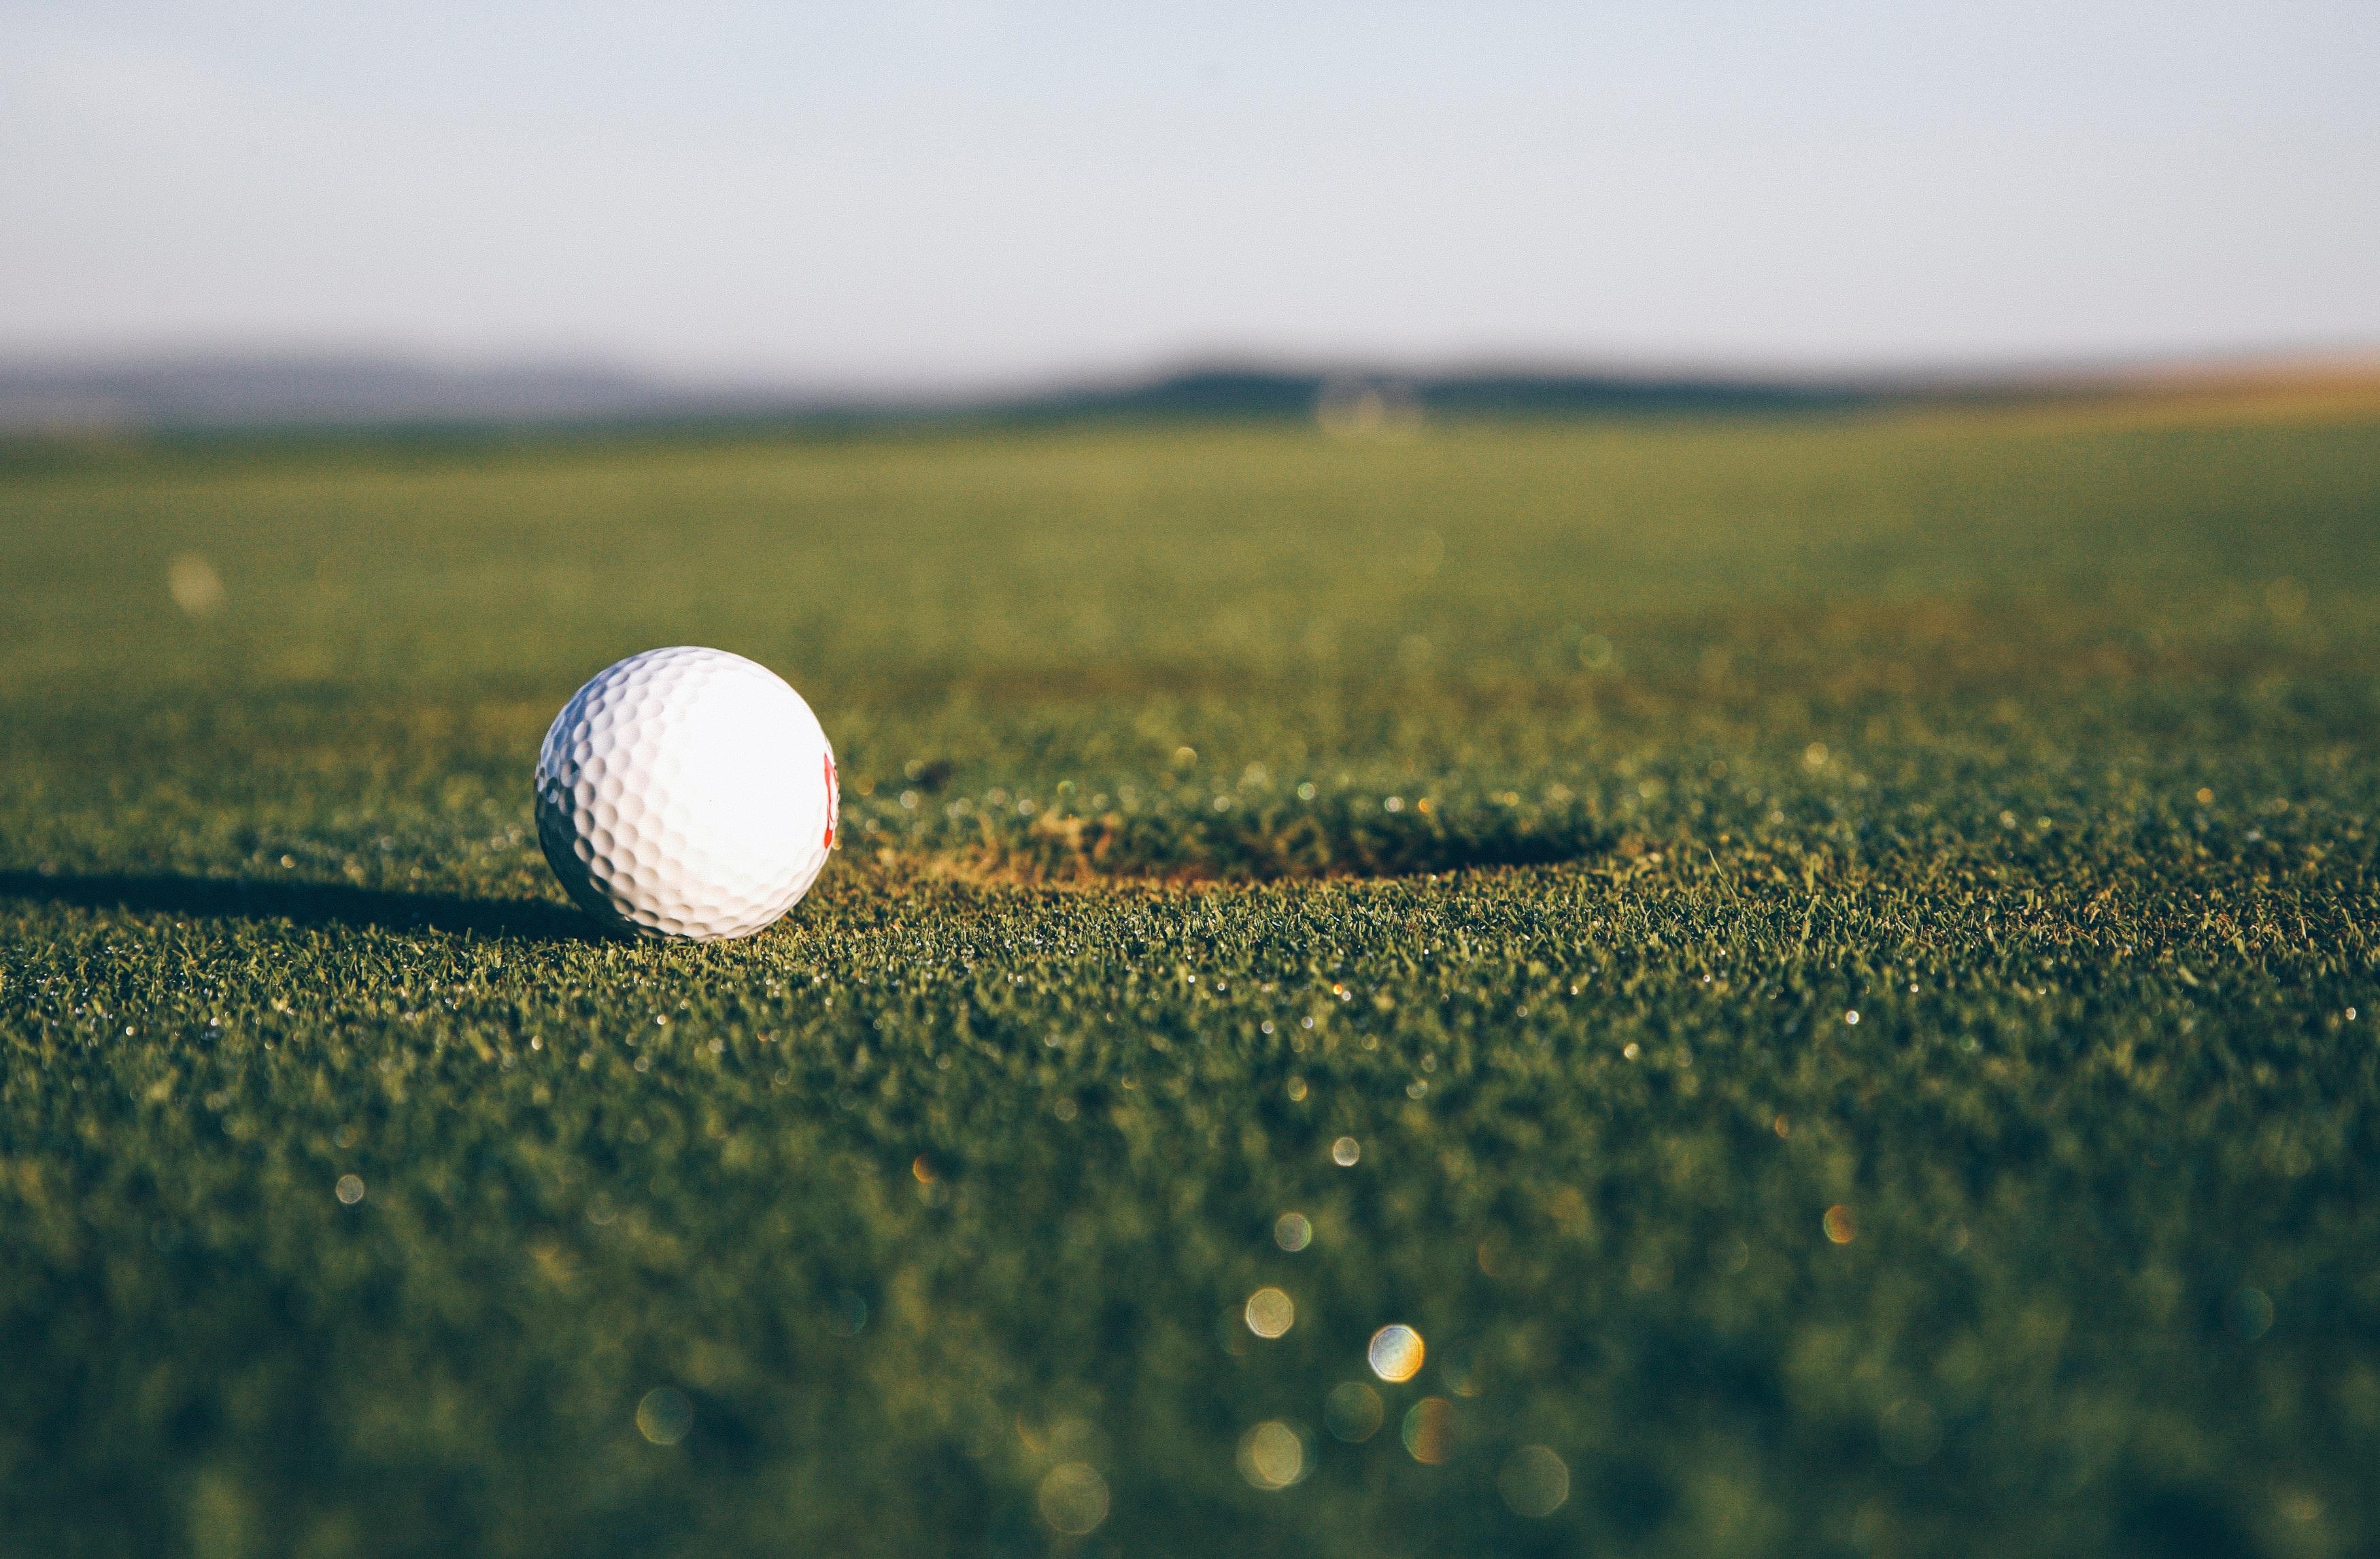 【きょうのスポーツ】松山英樹、星野陸也らが参戦する全米オープンが開幕|ゴルフ